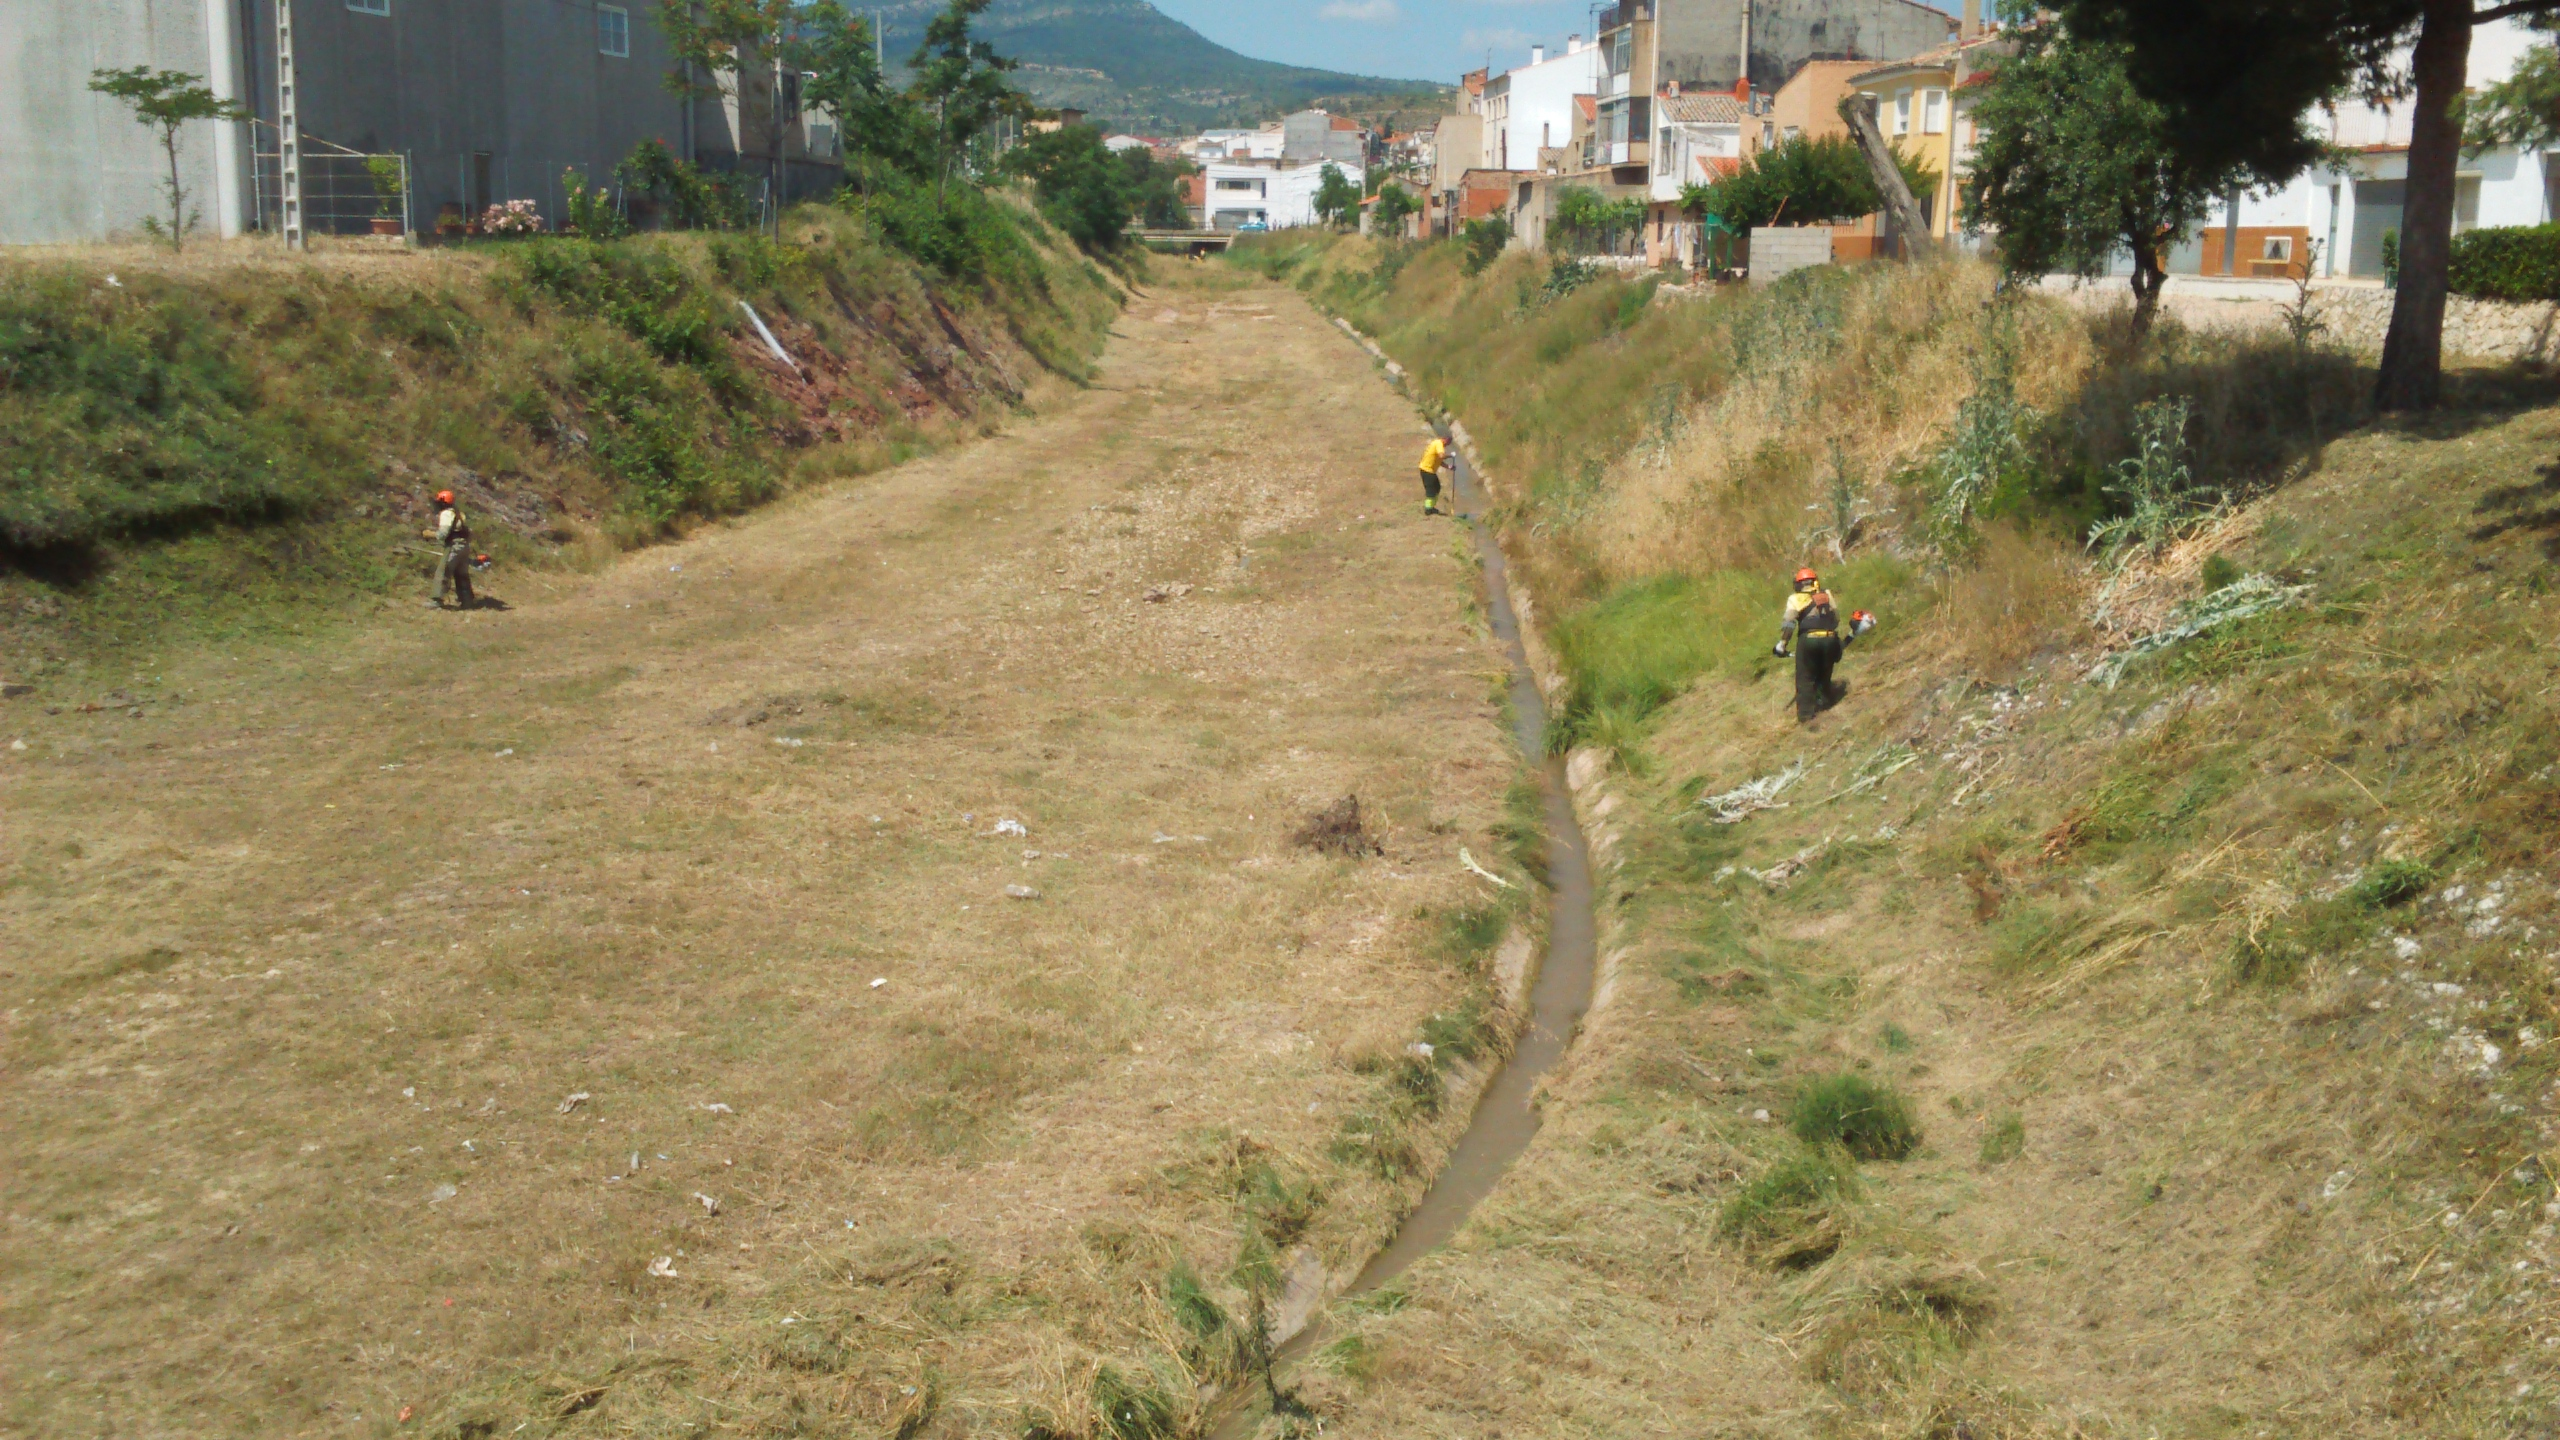 La actuación comprende la eliminación de vegetación invasora así como la capa de tierra vegetal con el fin de mejorar la capacidad de desagüe de las tuberías.